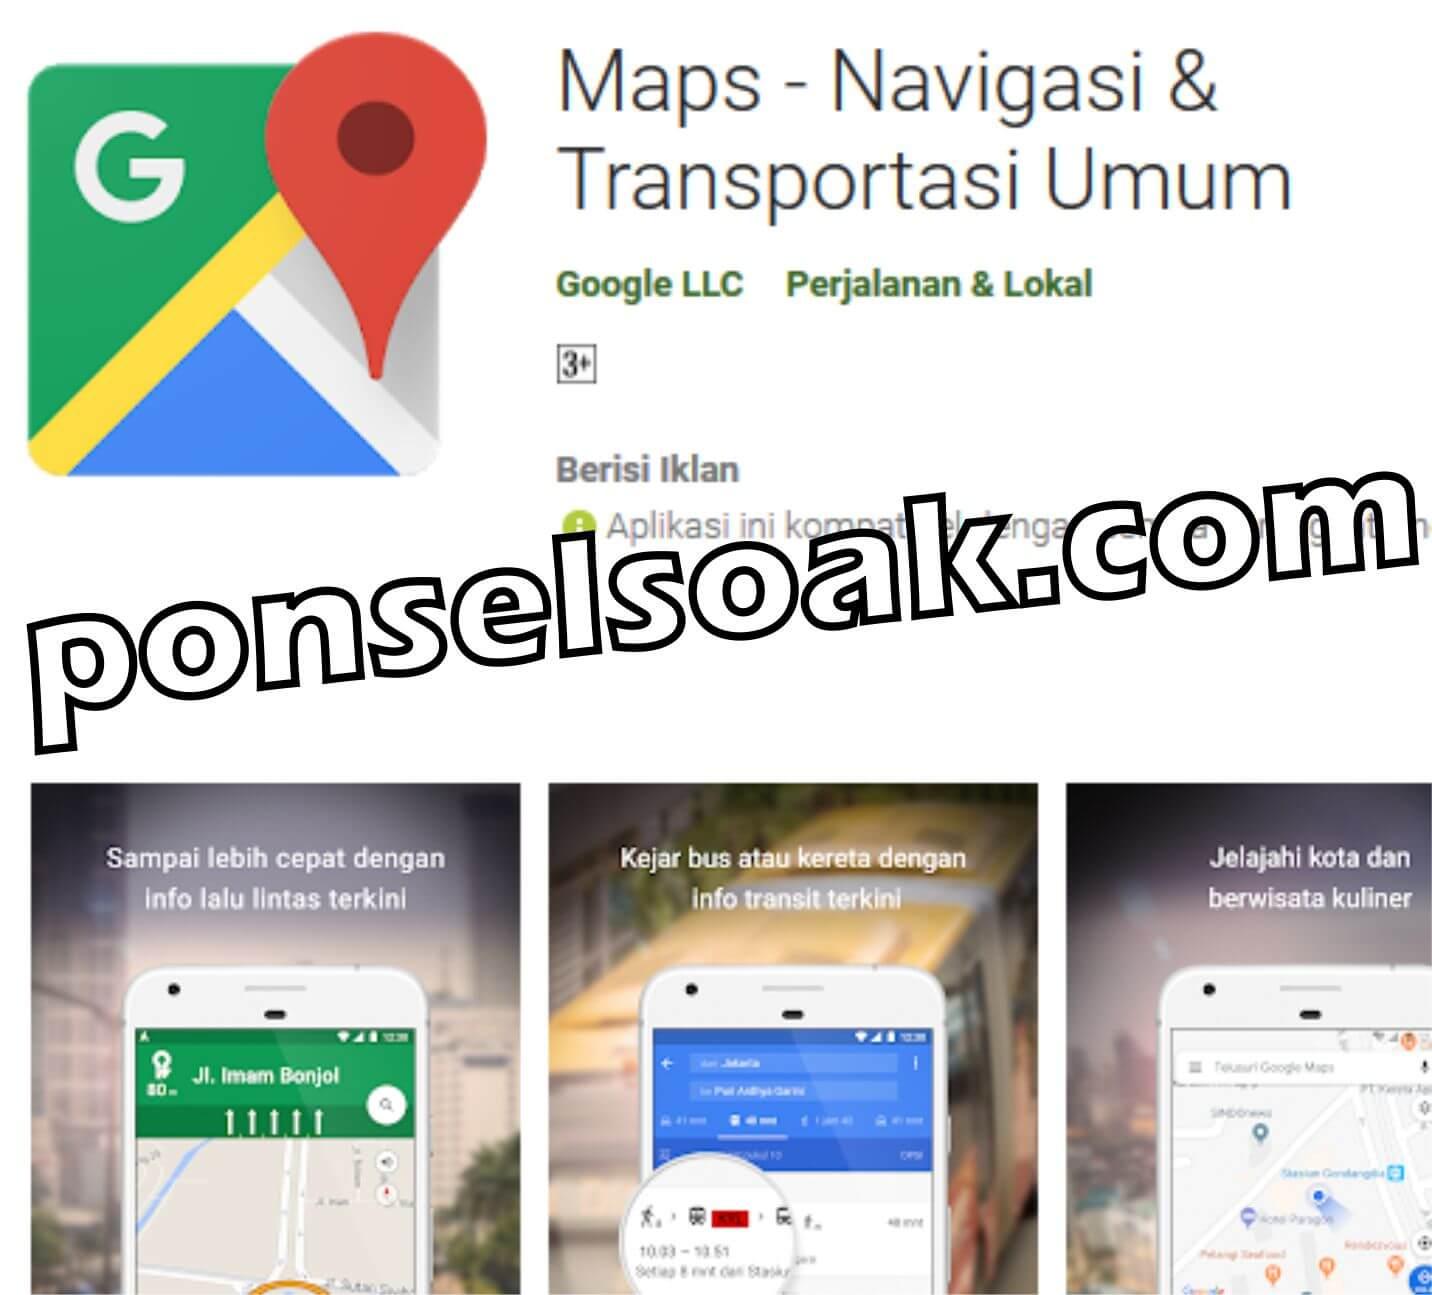 Cara Menentukan Rute Peta Jalur & Jam Ganjil Genap Di Google Maps